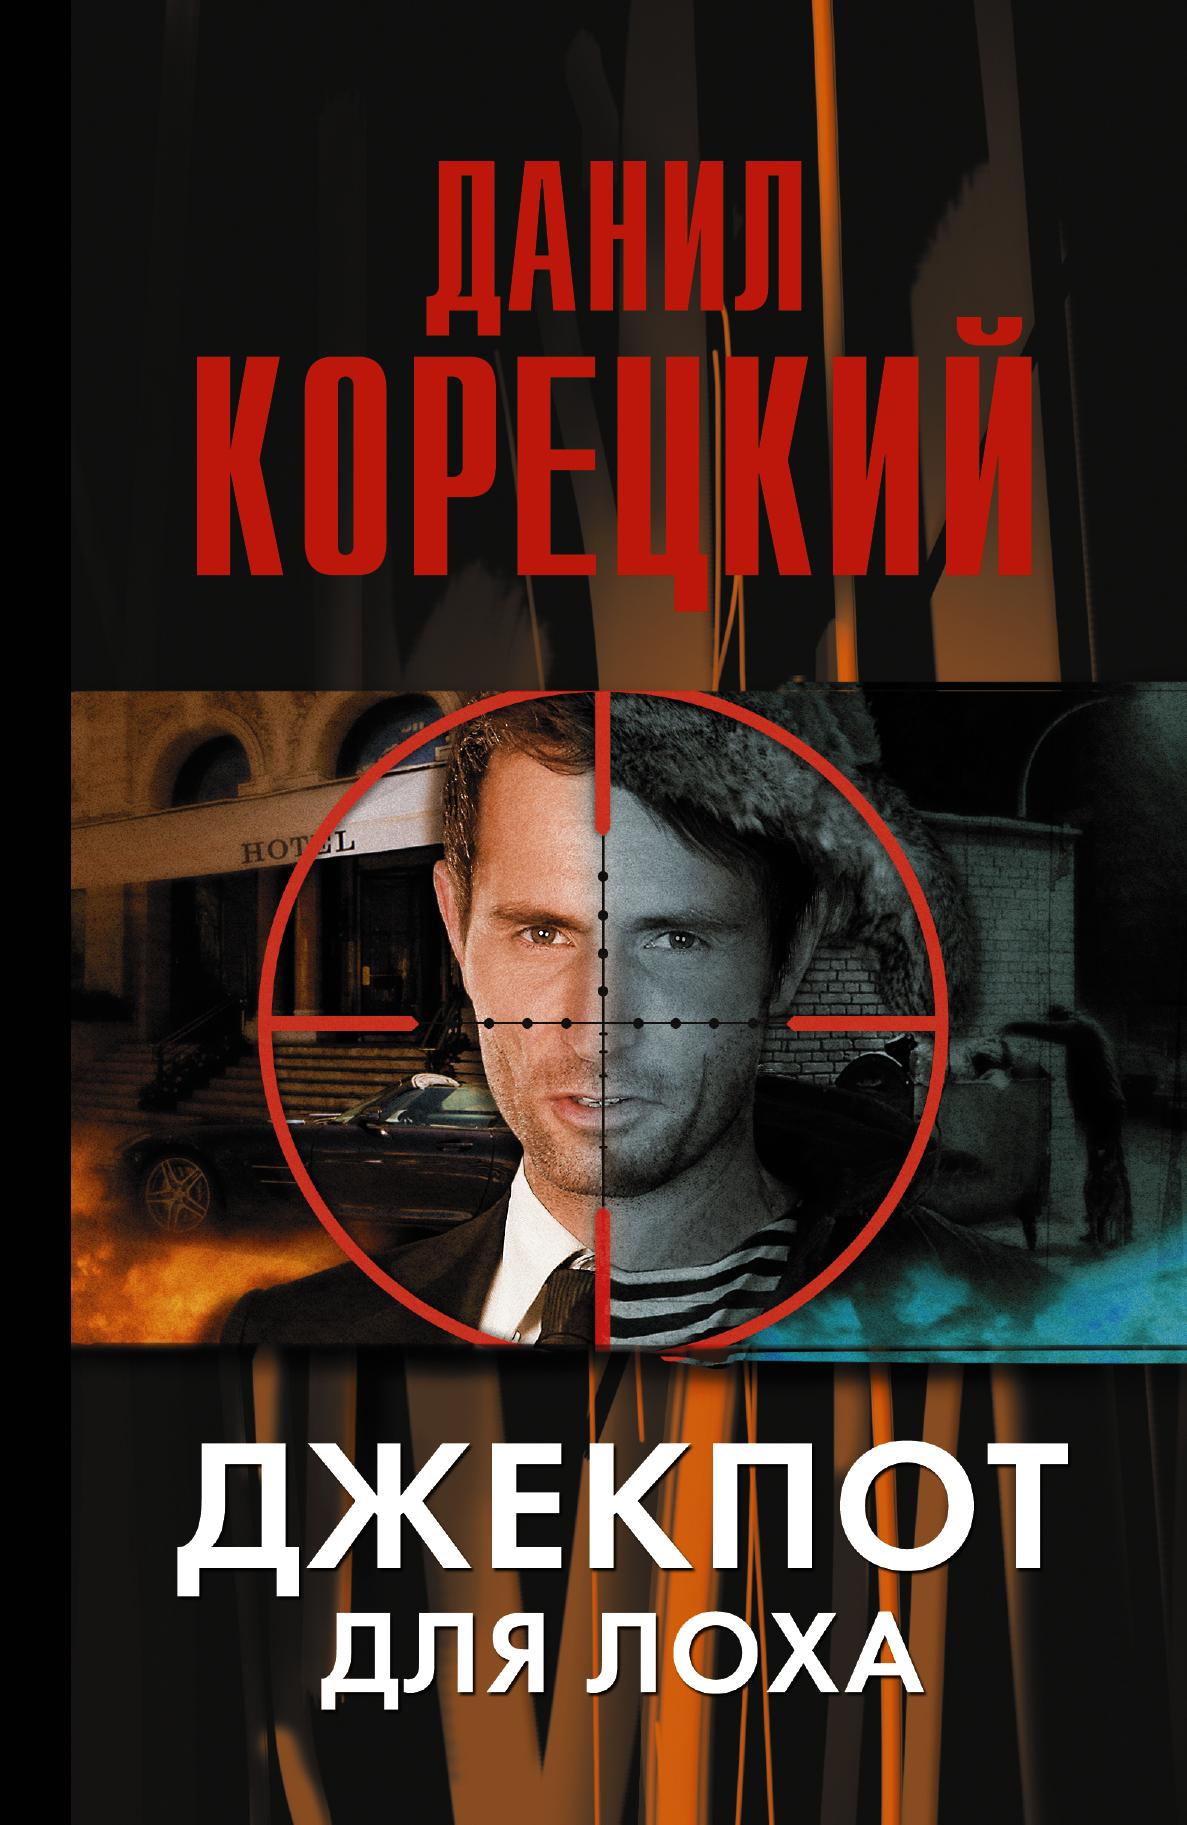 книги издательство аст джекпот для лоха Корецкий Д.А. Джекпот для лоха